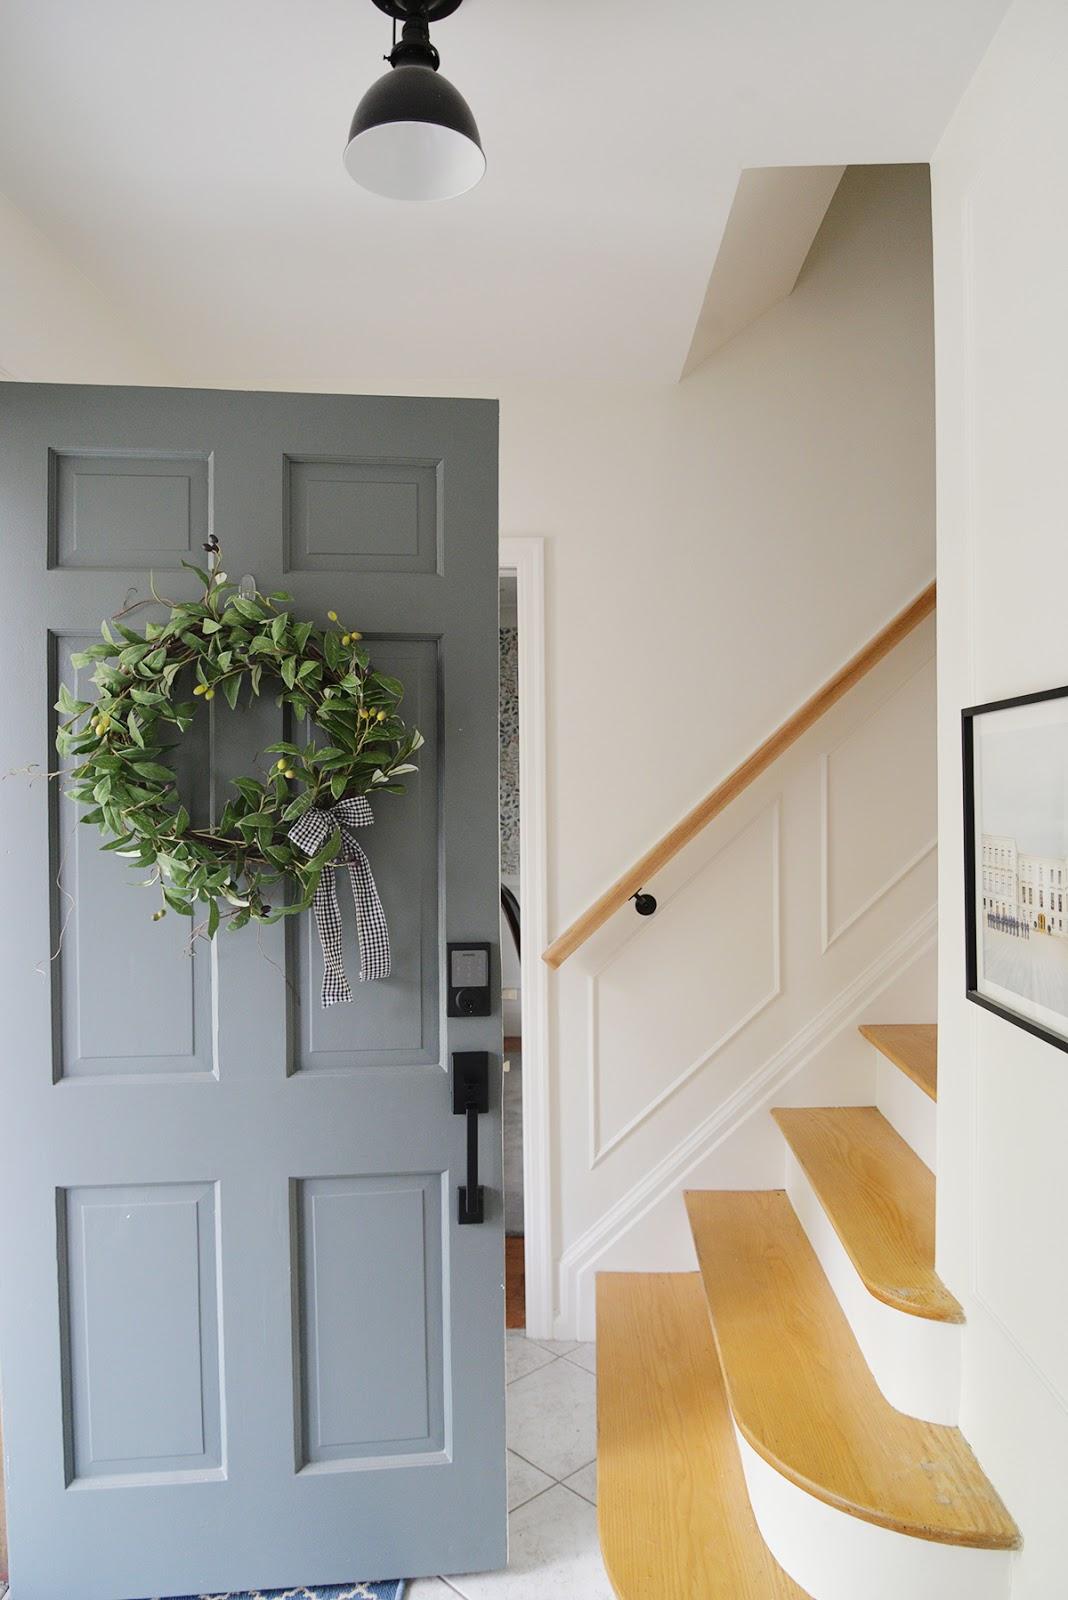 olive wreath on a front door, smart front door lock, grey green painted door